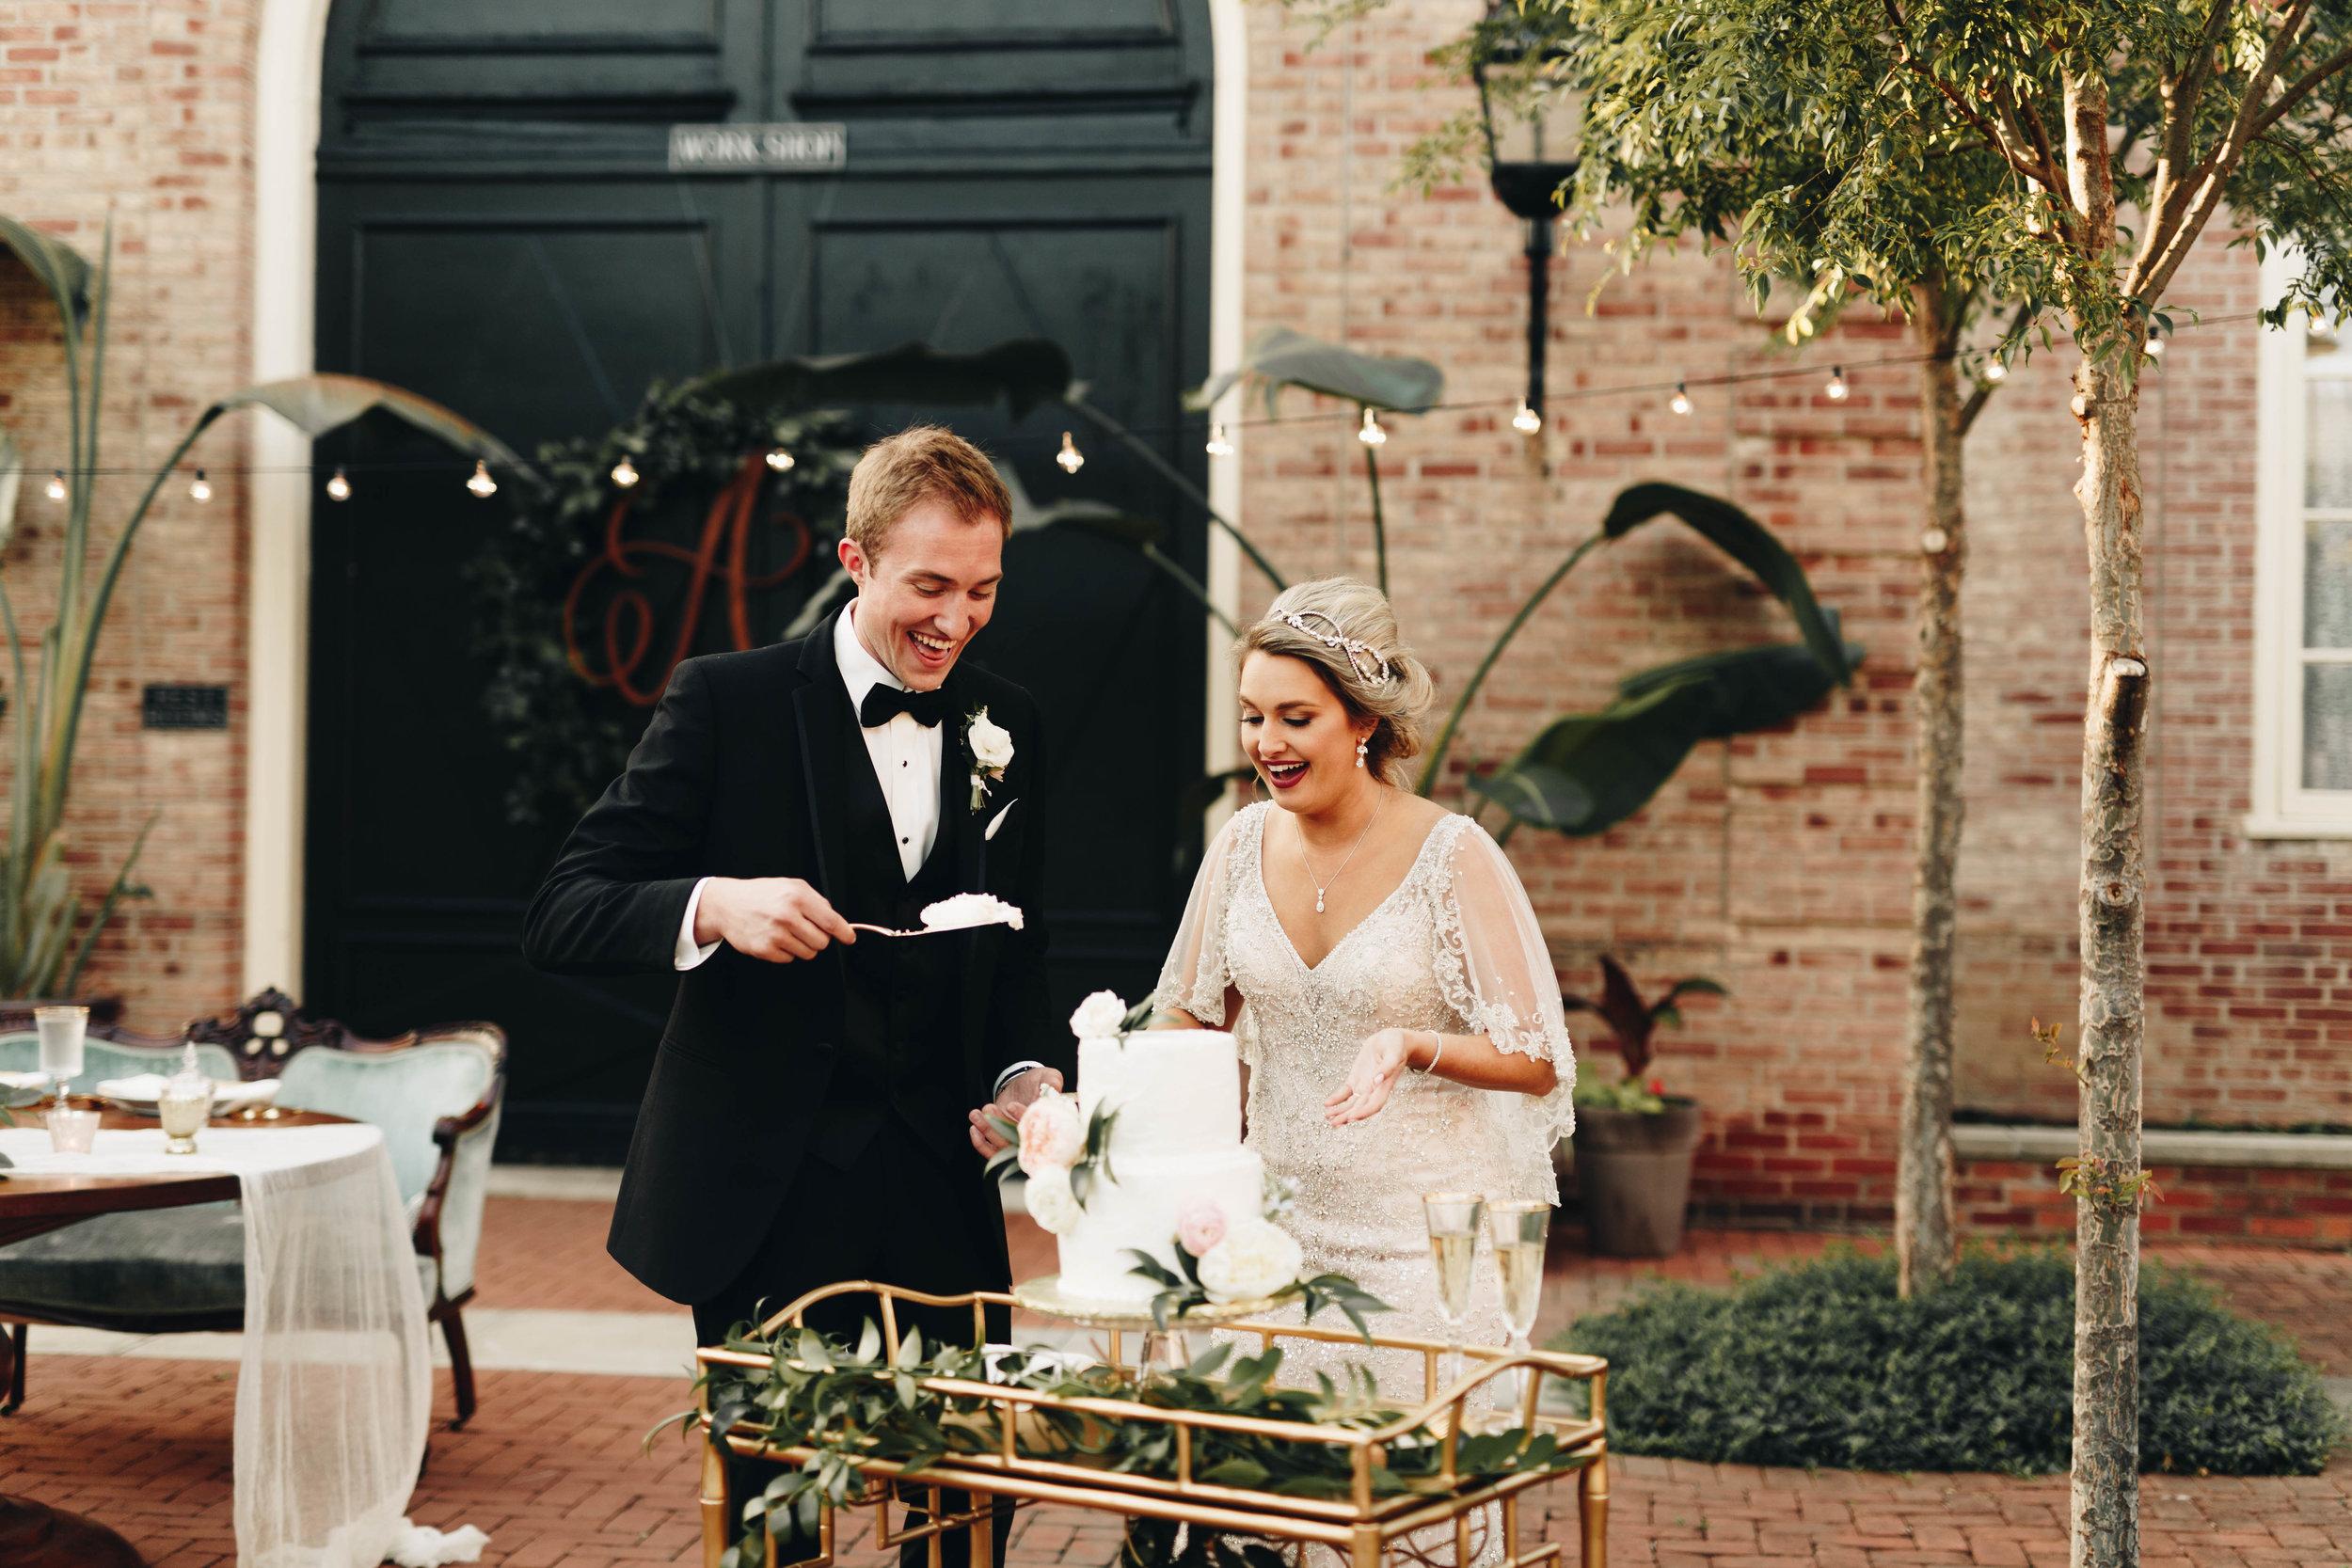 Cincinnati+wedding+photographer-66.jpeg